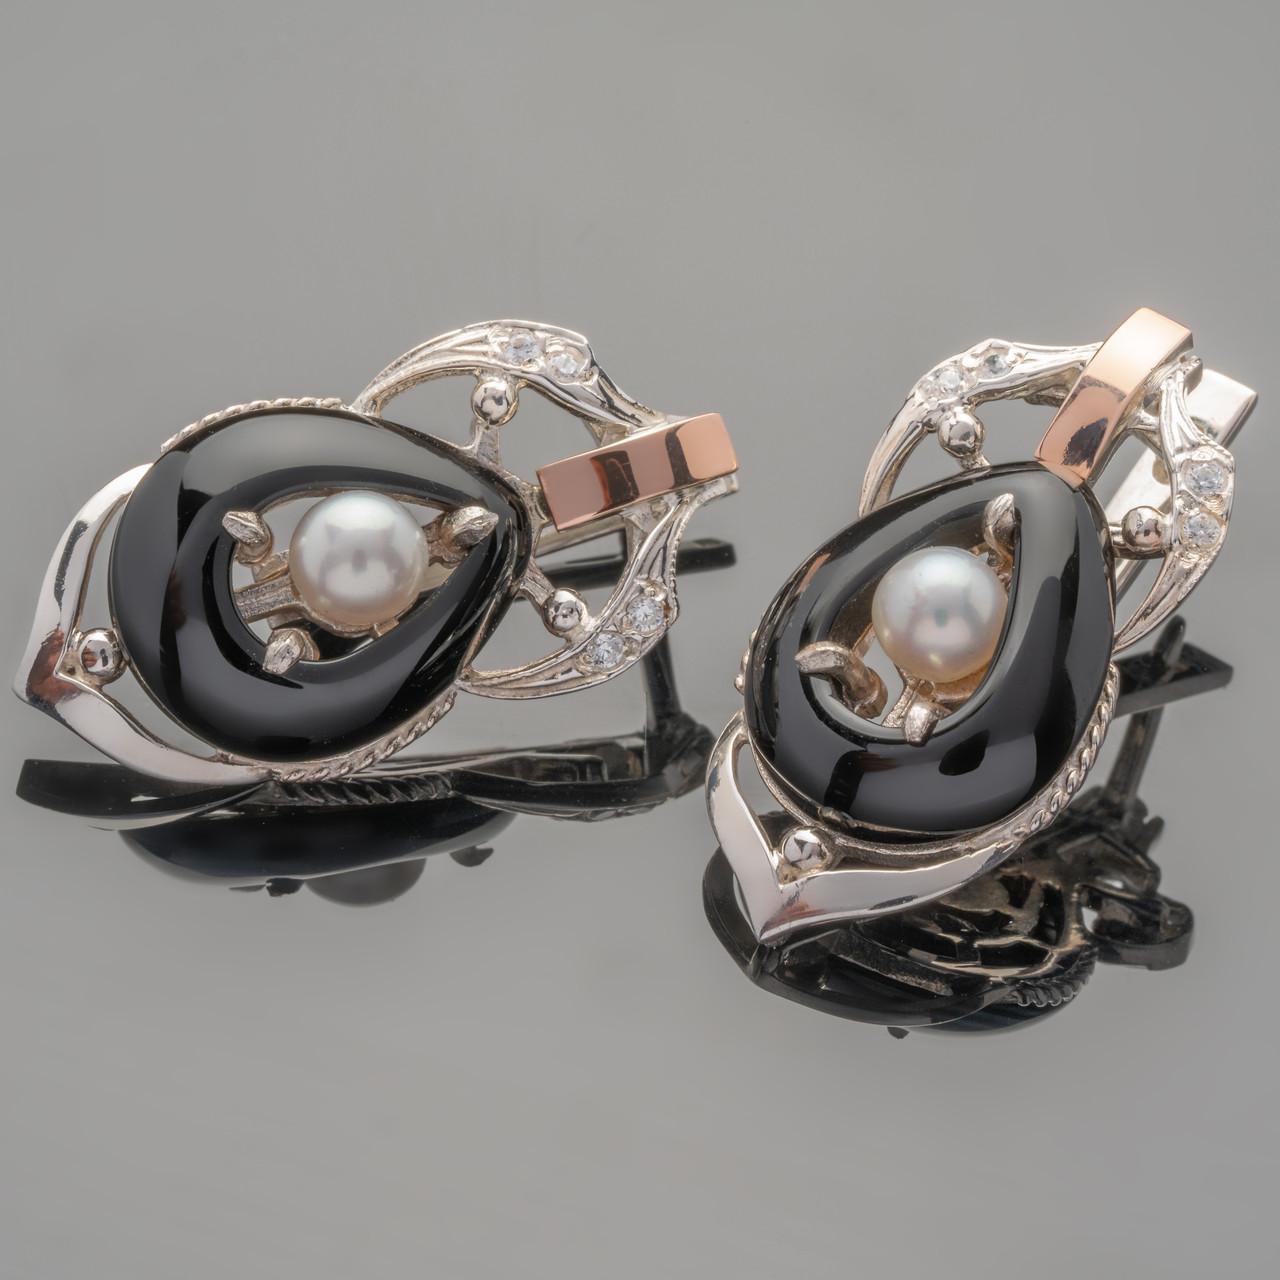 Серьги серебряные 925 пробы с золотыми вставками арт. 309с